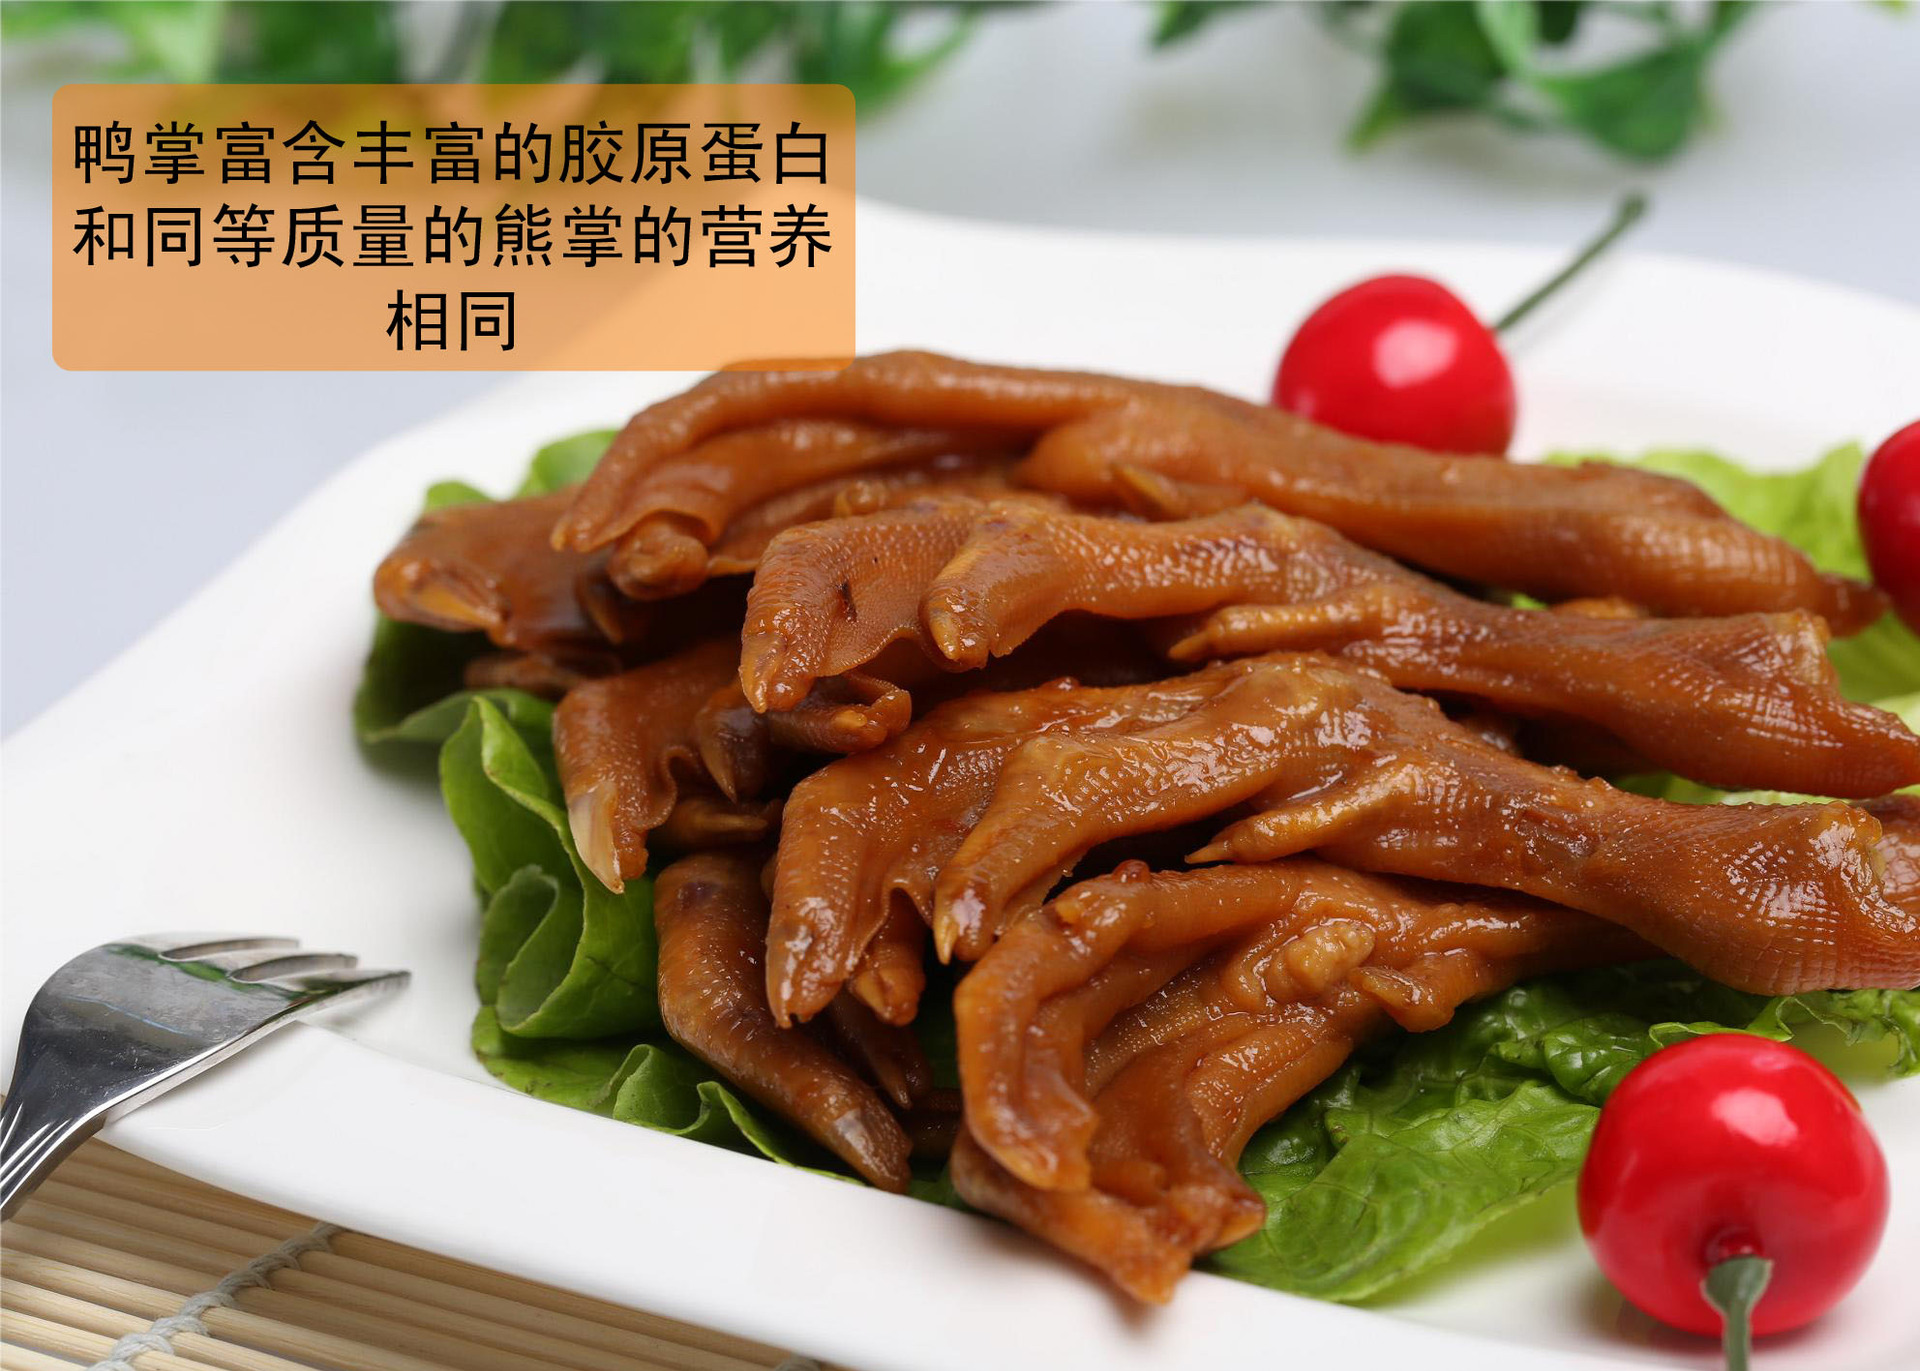 鸭掌食谱-温州鸭掌俩辅食特产休闲装肉类100口子个月做法零食宝宝6面条图片